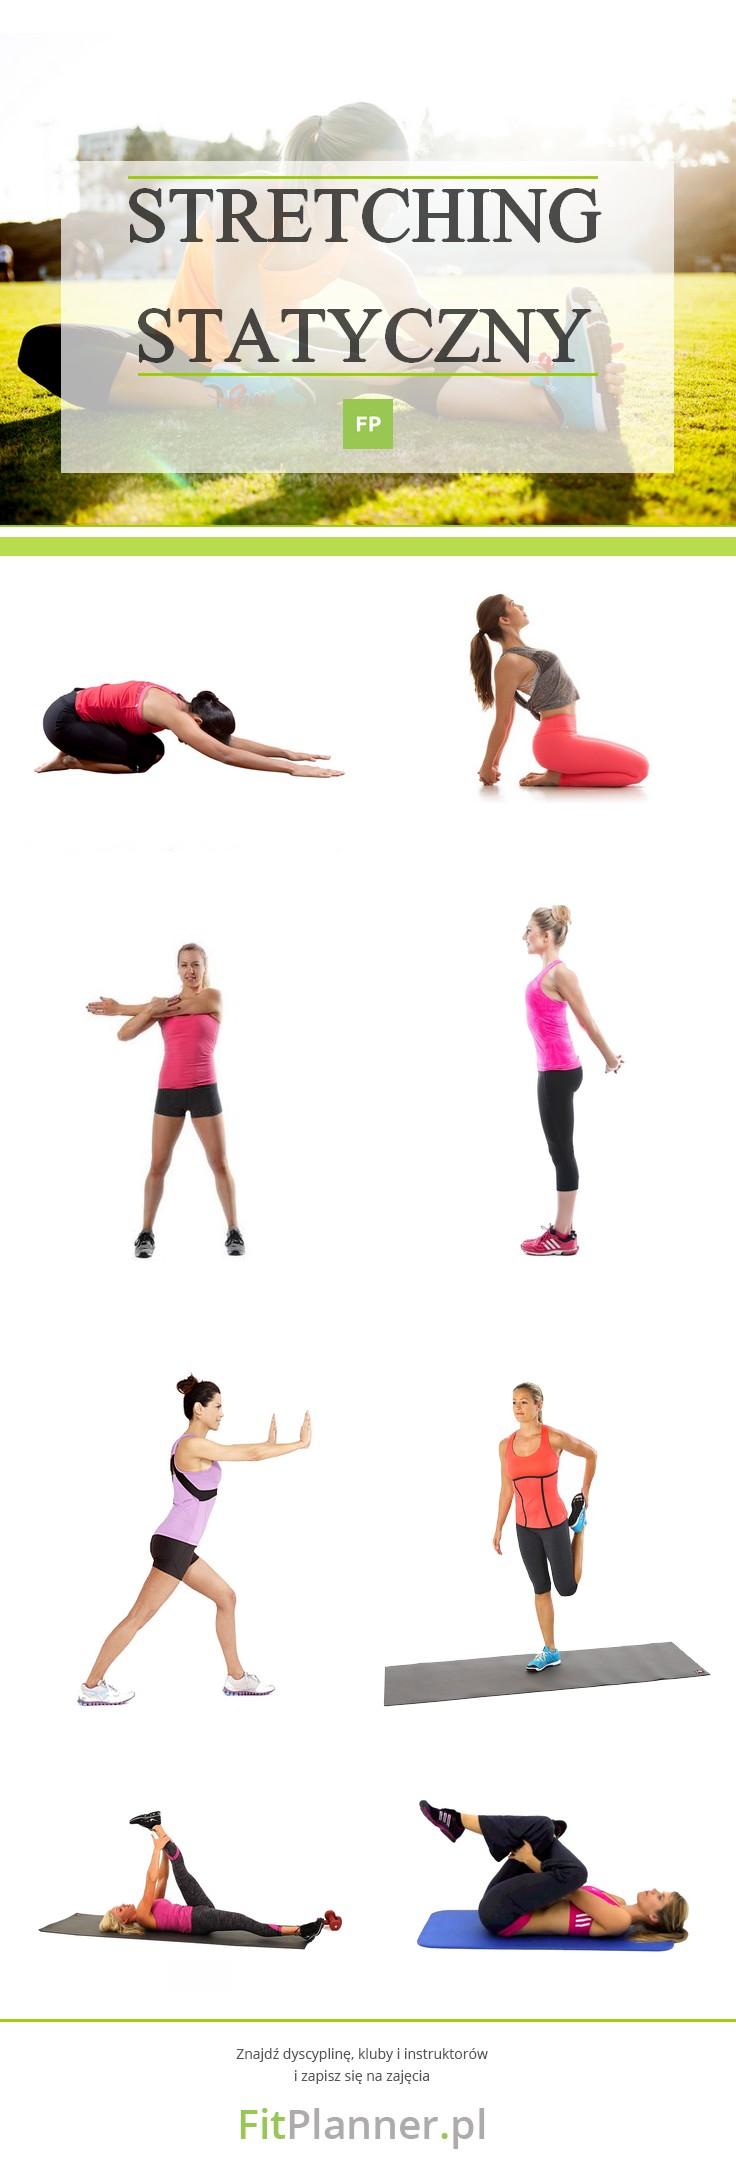 Stretching Statyczny - ćwiczenia rozciągające na odchudzanie